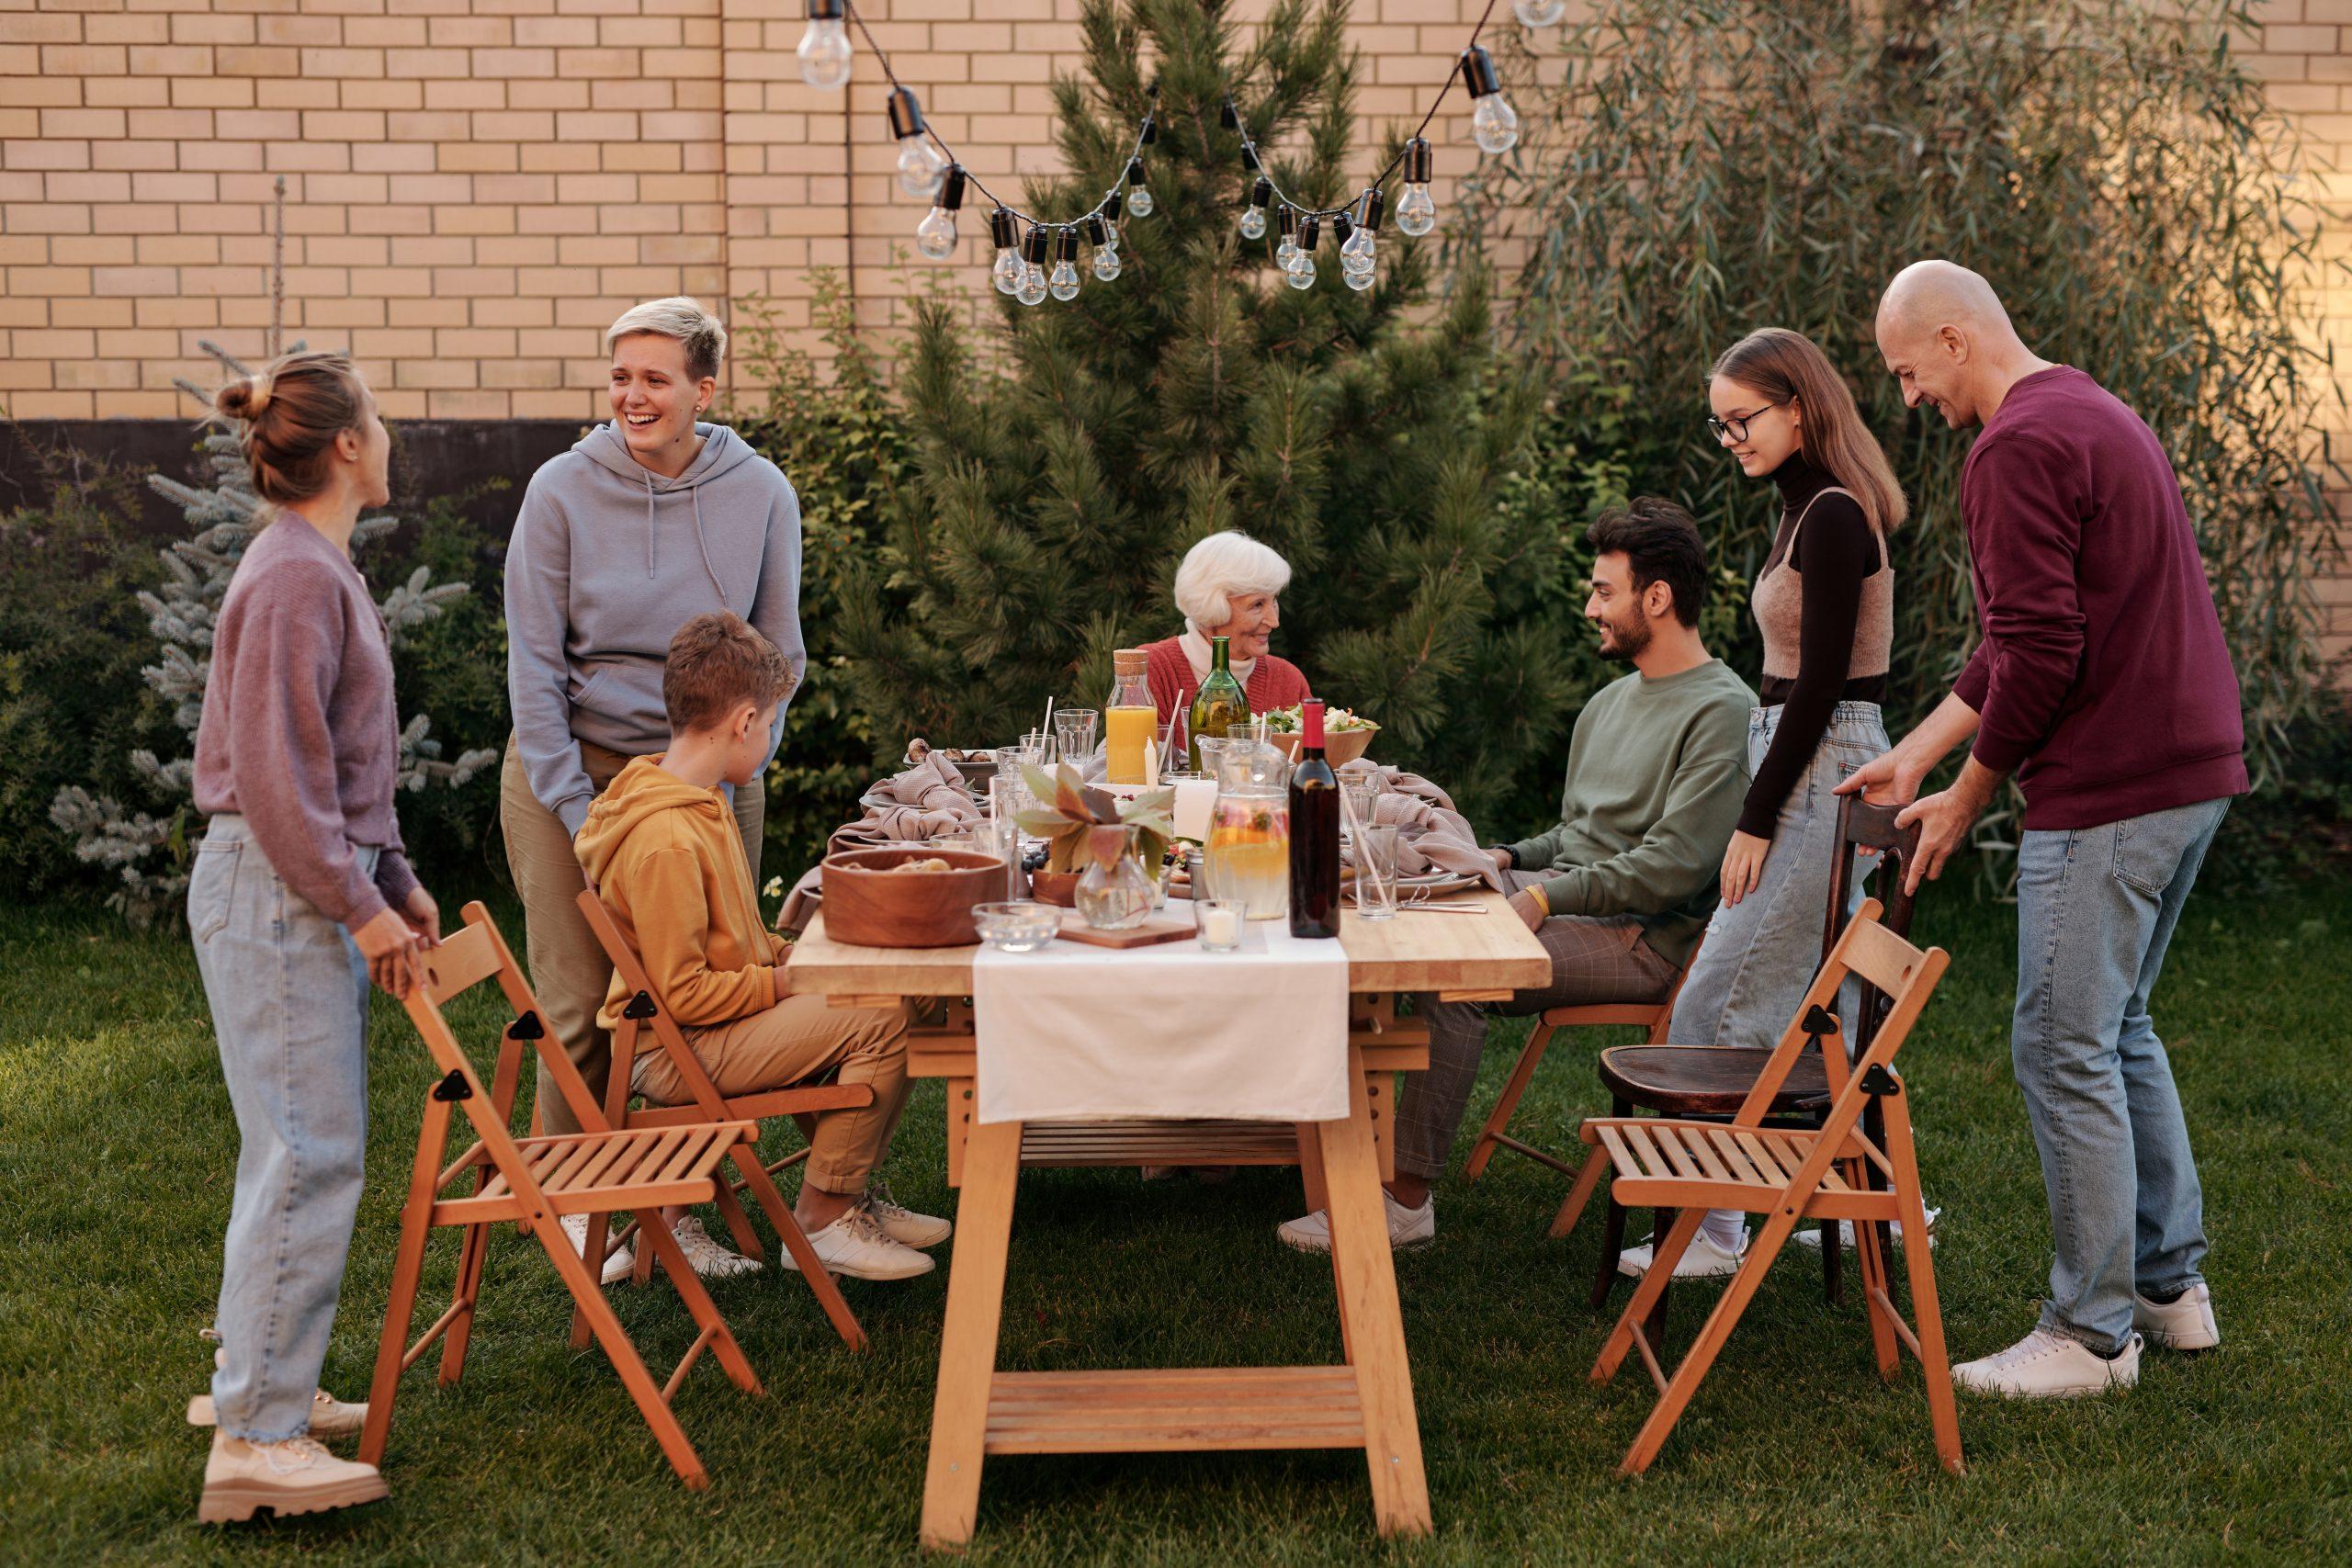 Ryhmä ihmisiä katetun puutarhapöydän ympärillä